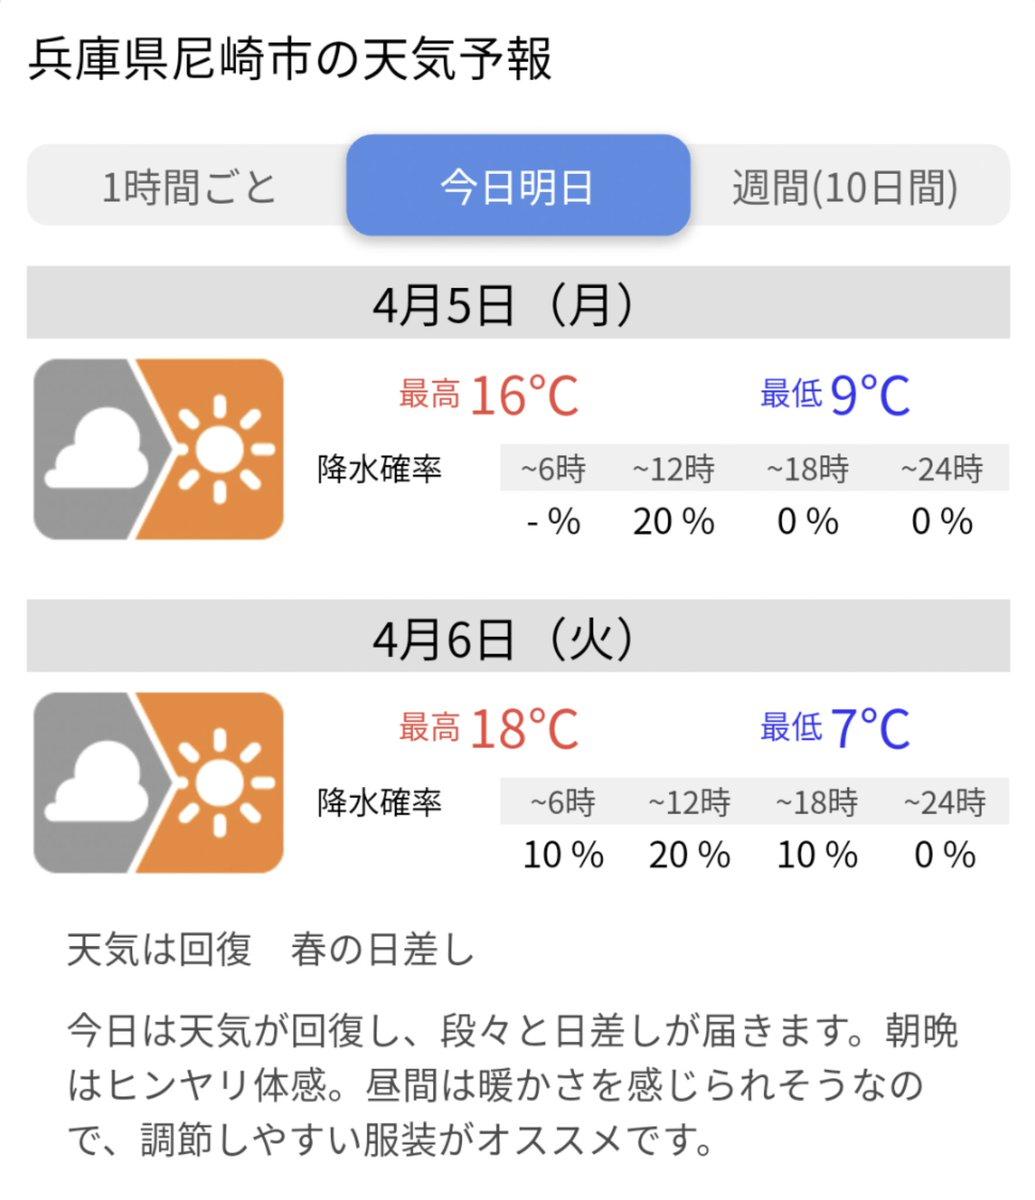 天気 神戸 の 今日 神戸 今日の天気と最適な服装は?